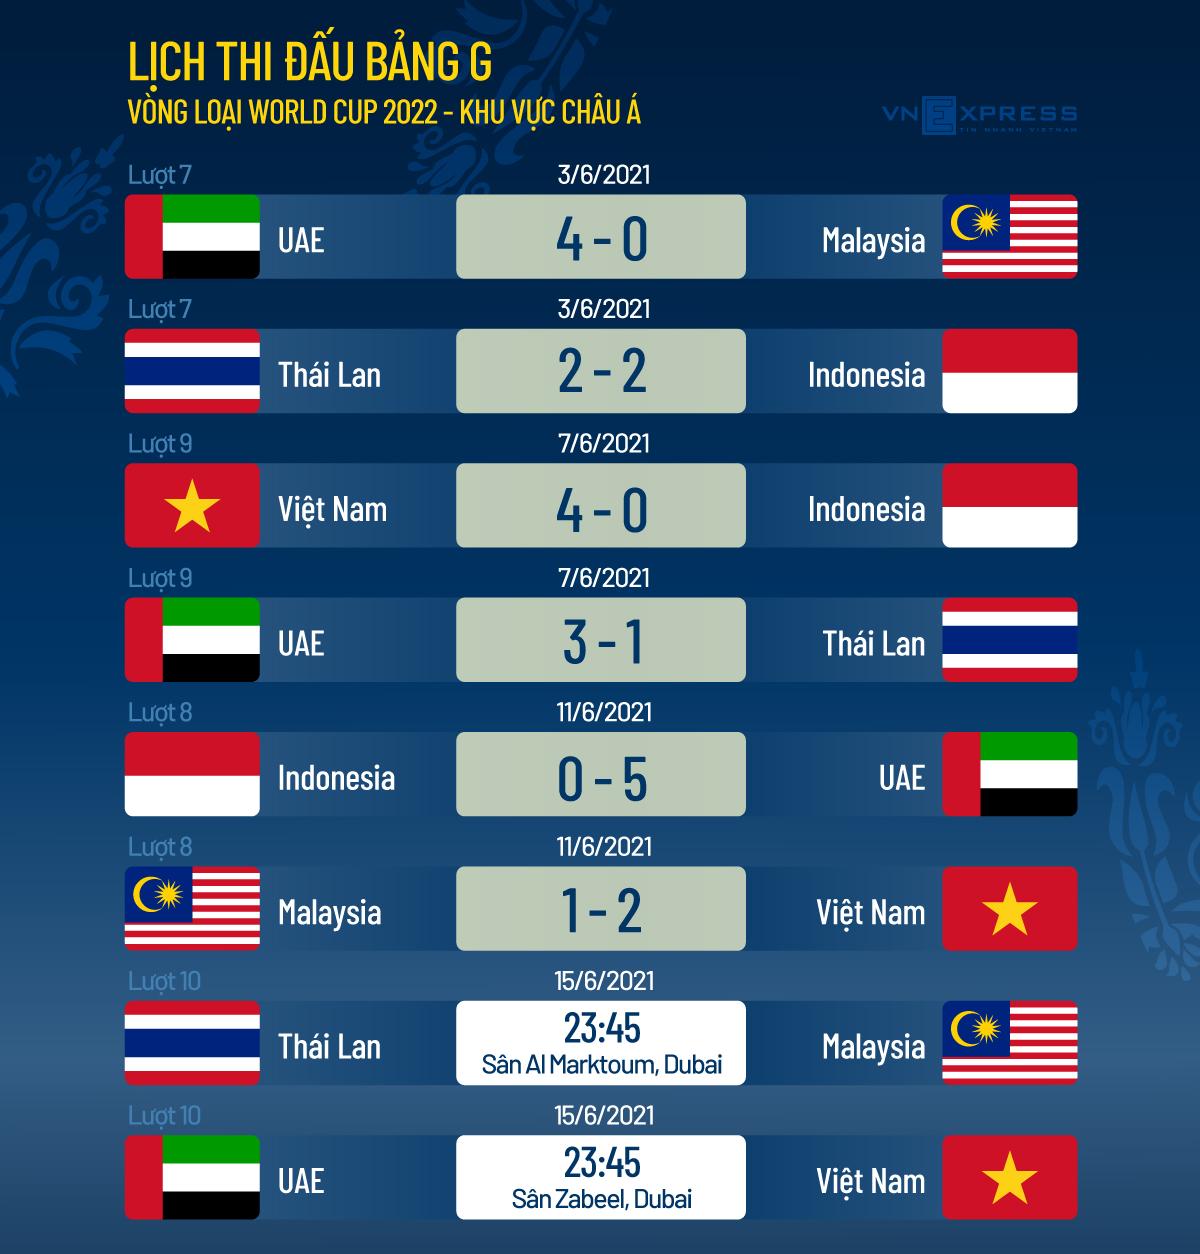 Tuấn Anh khó dự trận đấu UAE - 3